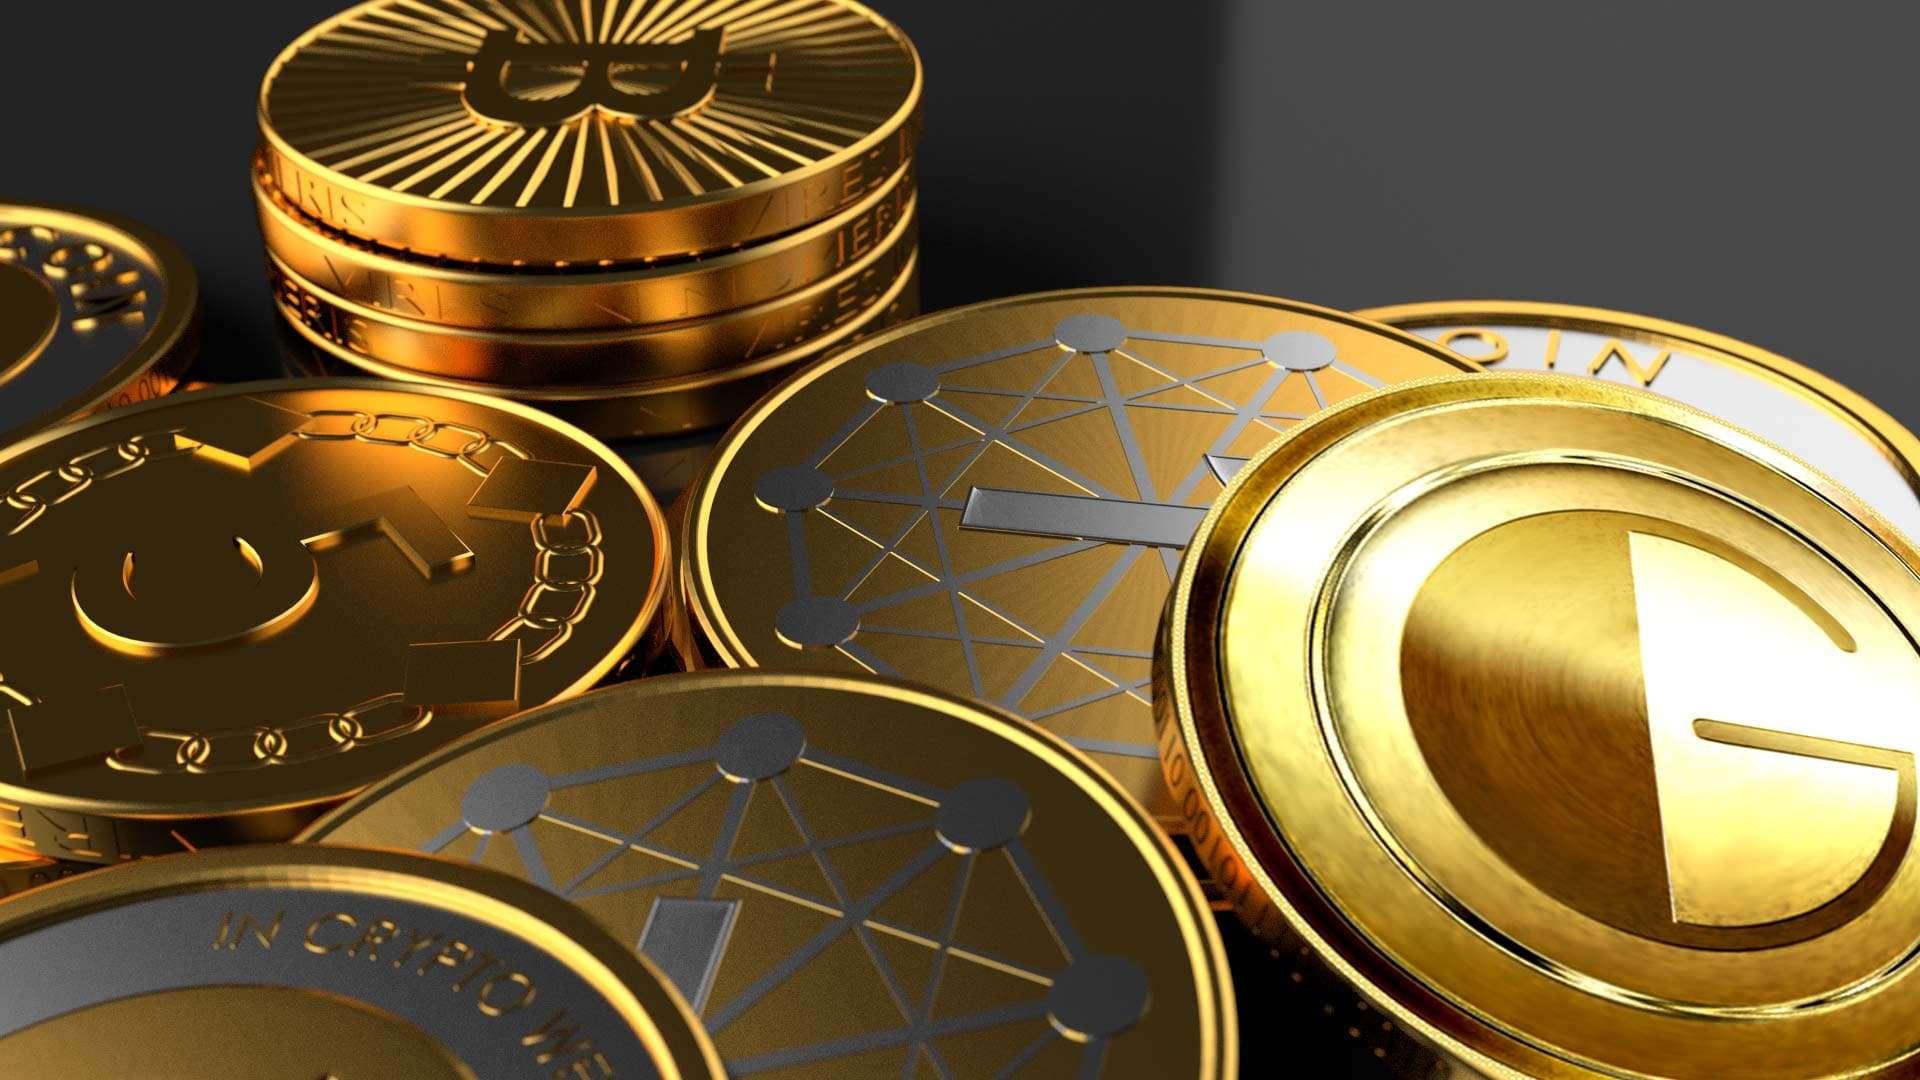 Сигналы криптовалют - что это и как их использовать